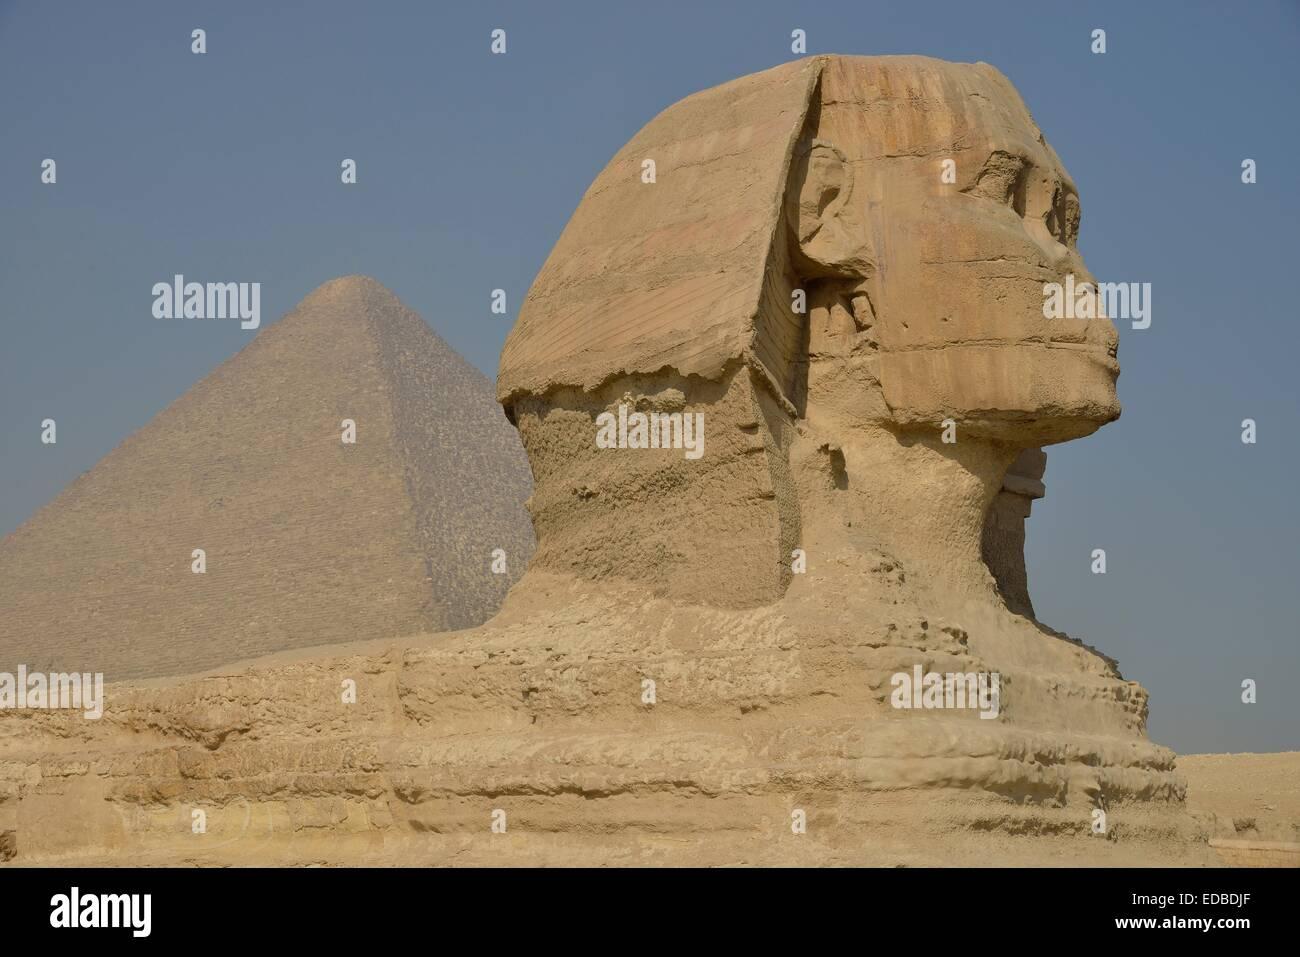 Sphinx o Gran Esfinge de Giza, León con cabeza humana, construido en la 4ª dinastía egipcia alrededor Imagen De Stock